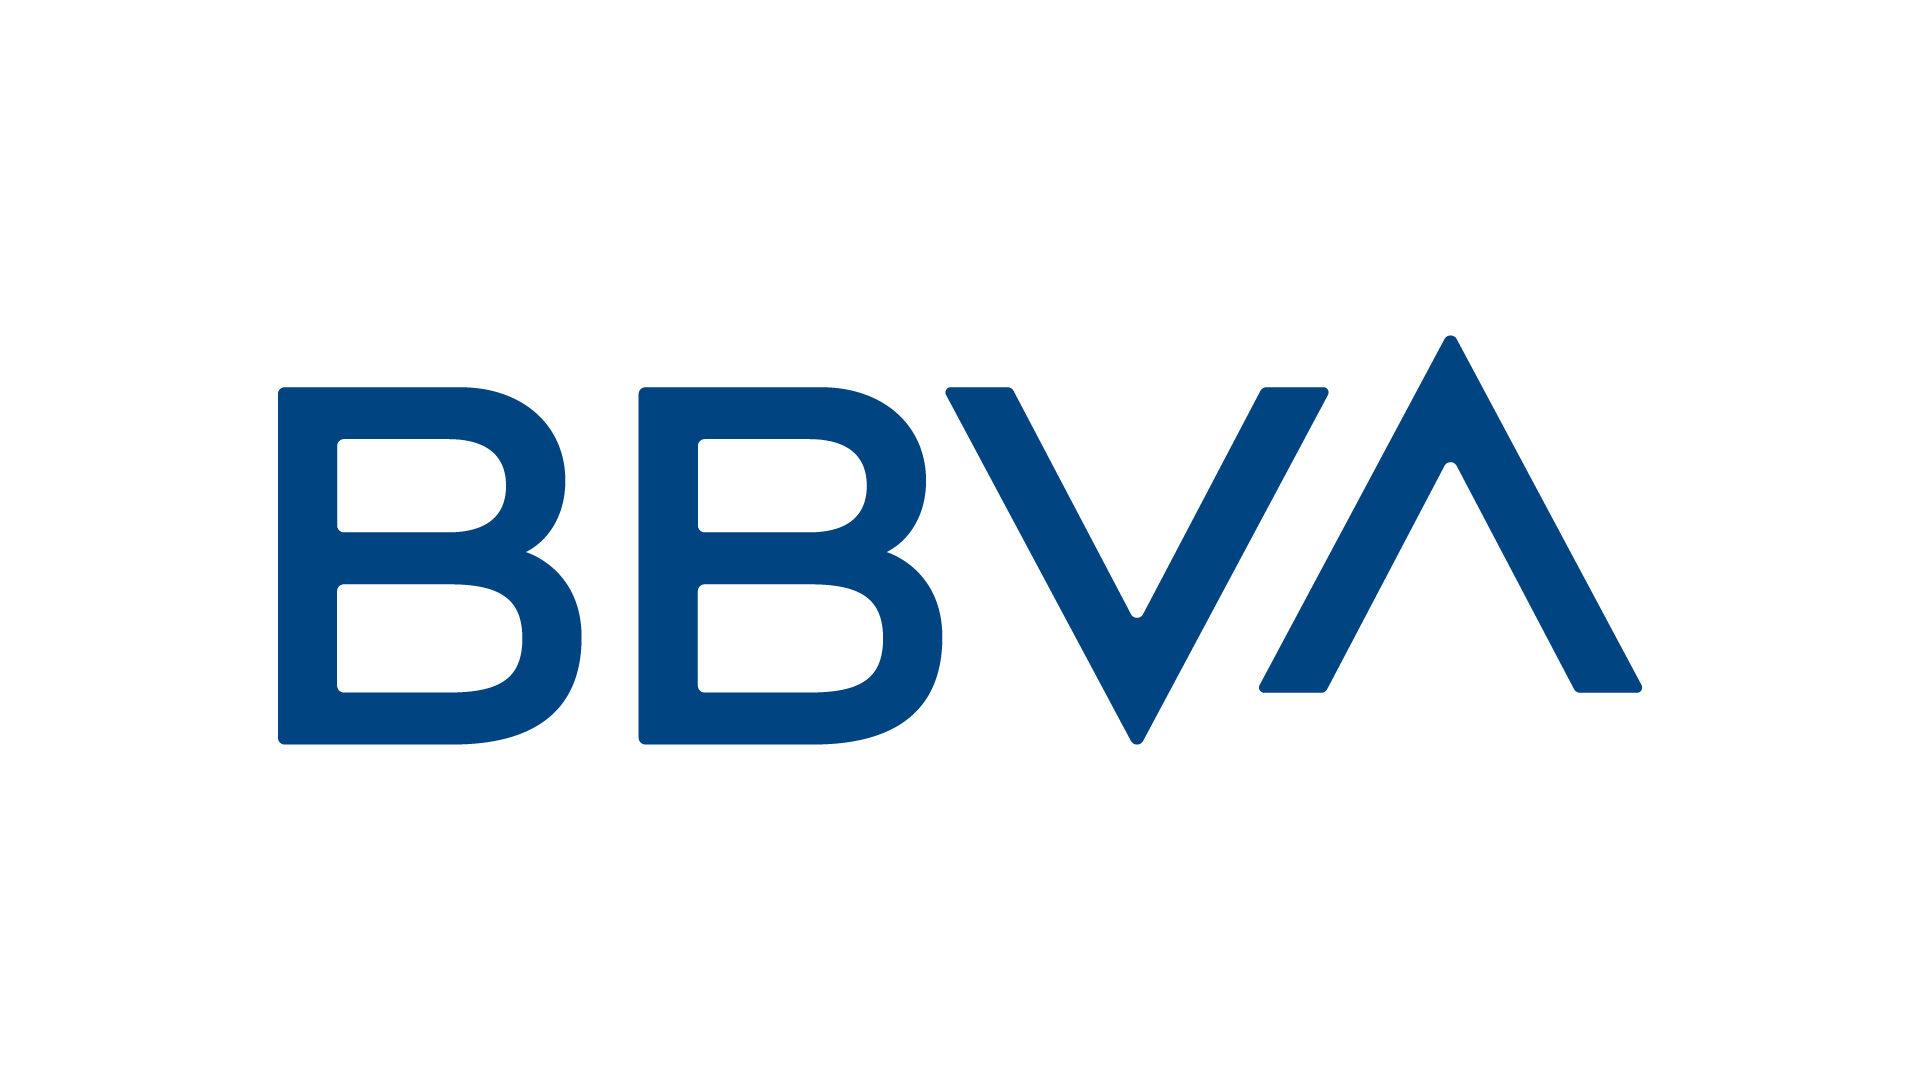 BBVA unificará su marca en todo el mundo; cambia su logo